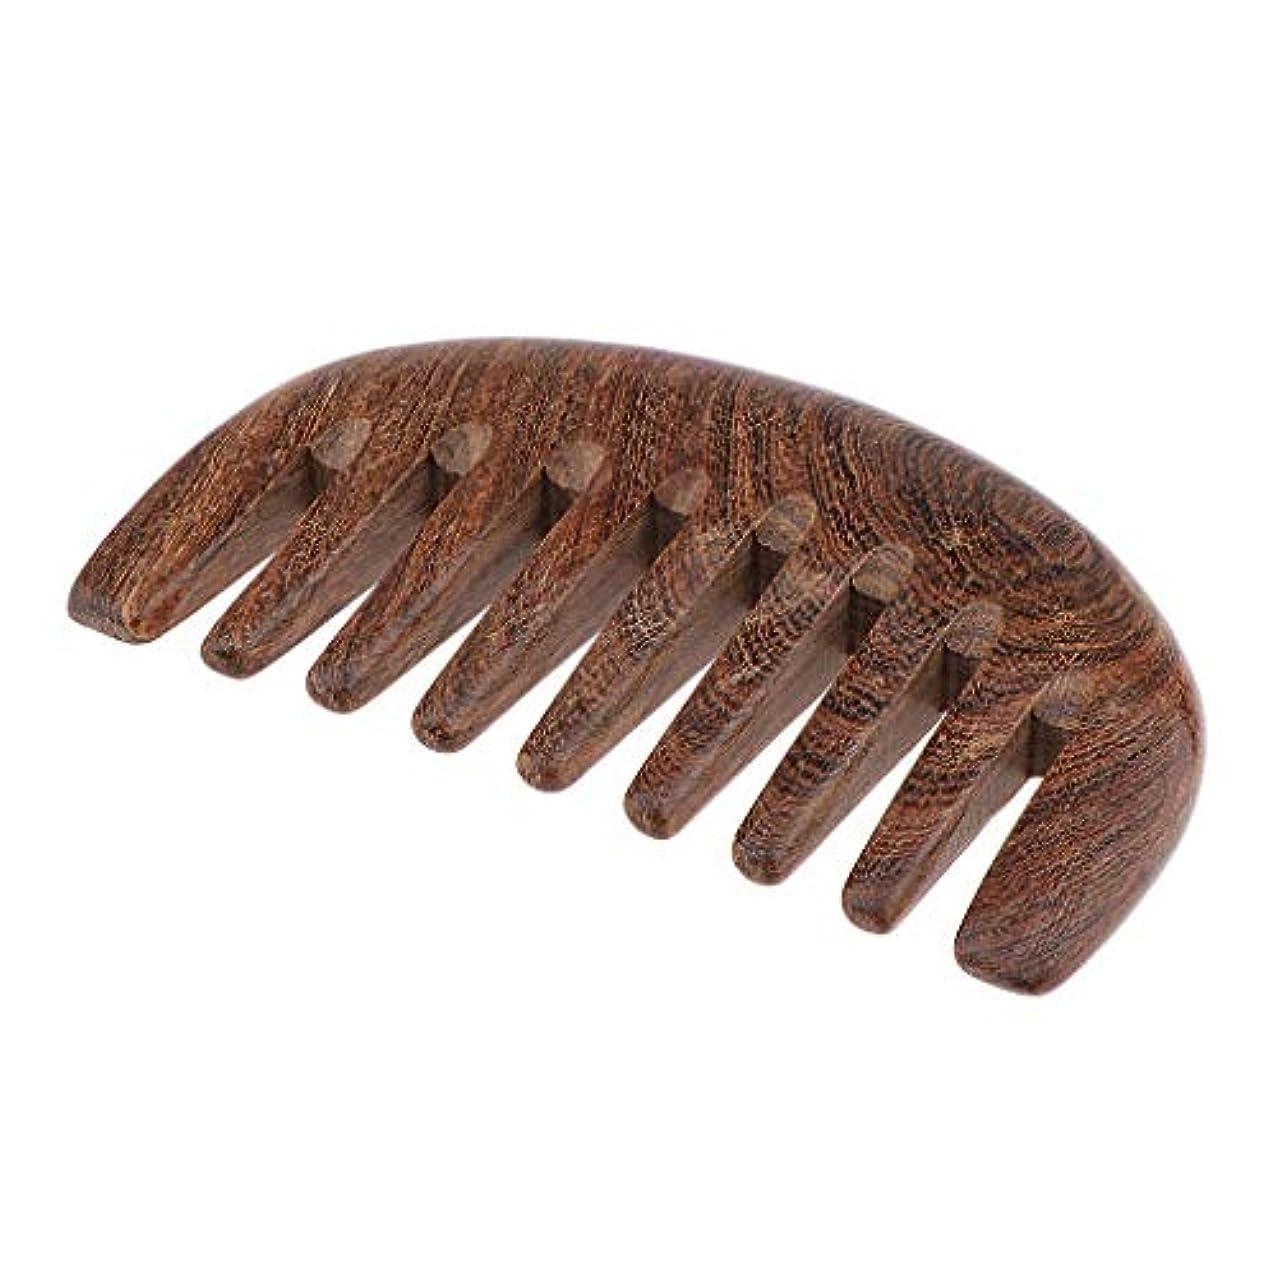 すばらしいです登る指定するくし コーム 木製 櫛 美髪ケア ヘアケア ヘアコーム 頭皮マッサージ 3色選べ - クロロフォラ